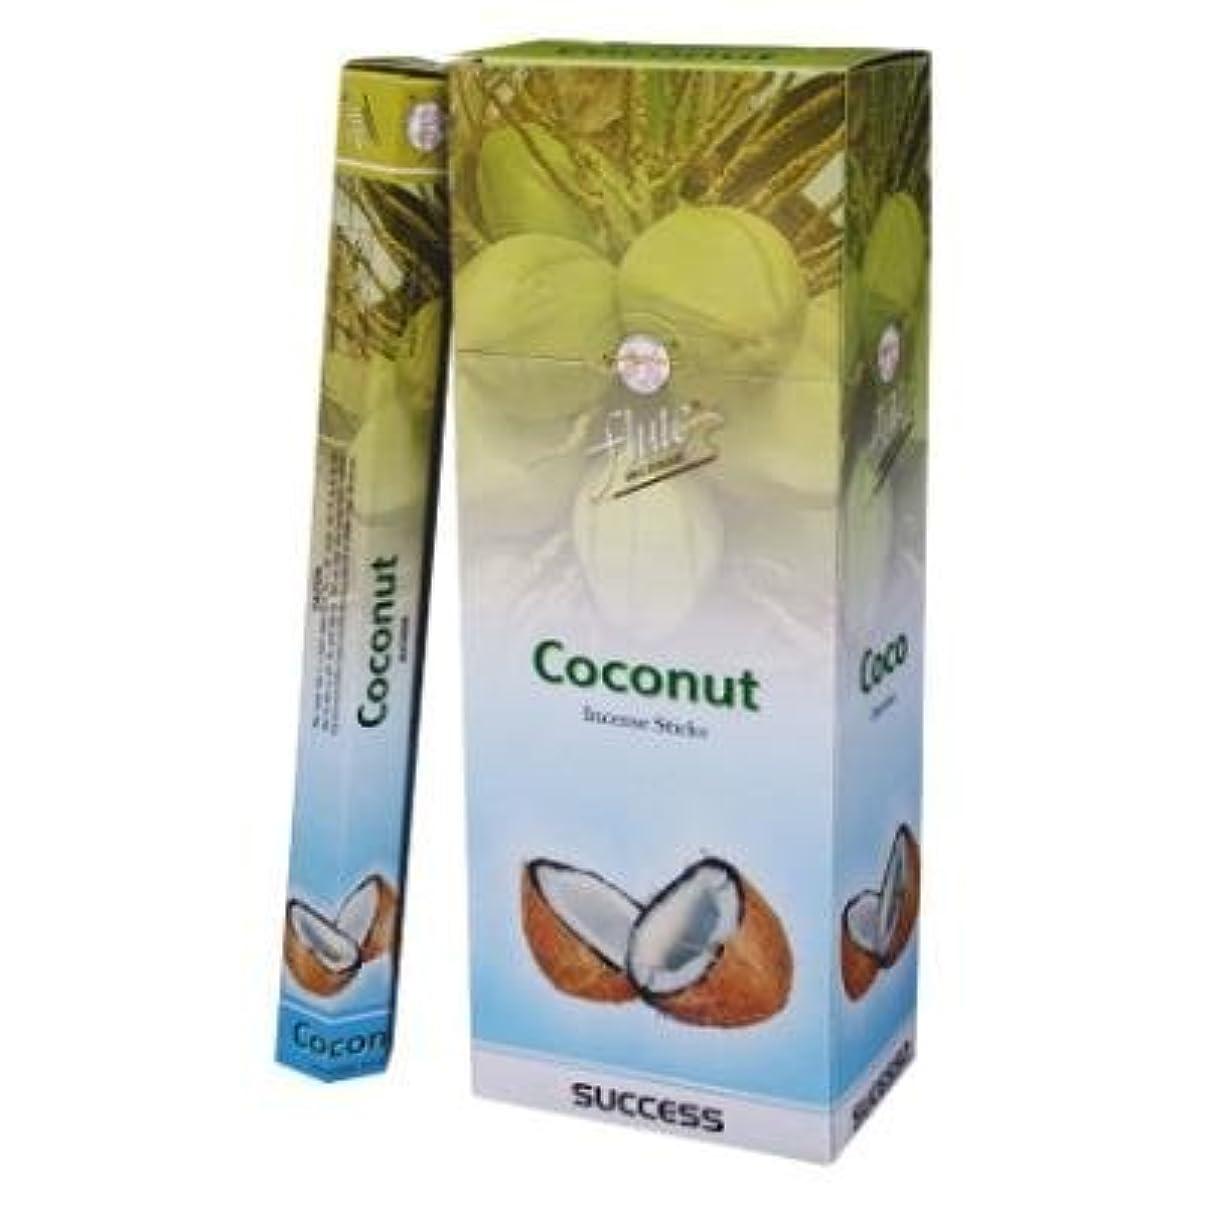 参照する複合通知するFlute Coconut Hex Incense Sticks - 20 Sticks(Single Pack) by Flute Incense [並行輸入品]